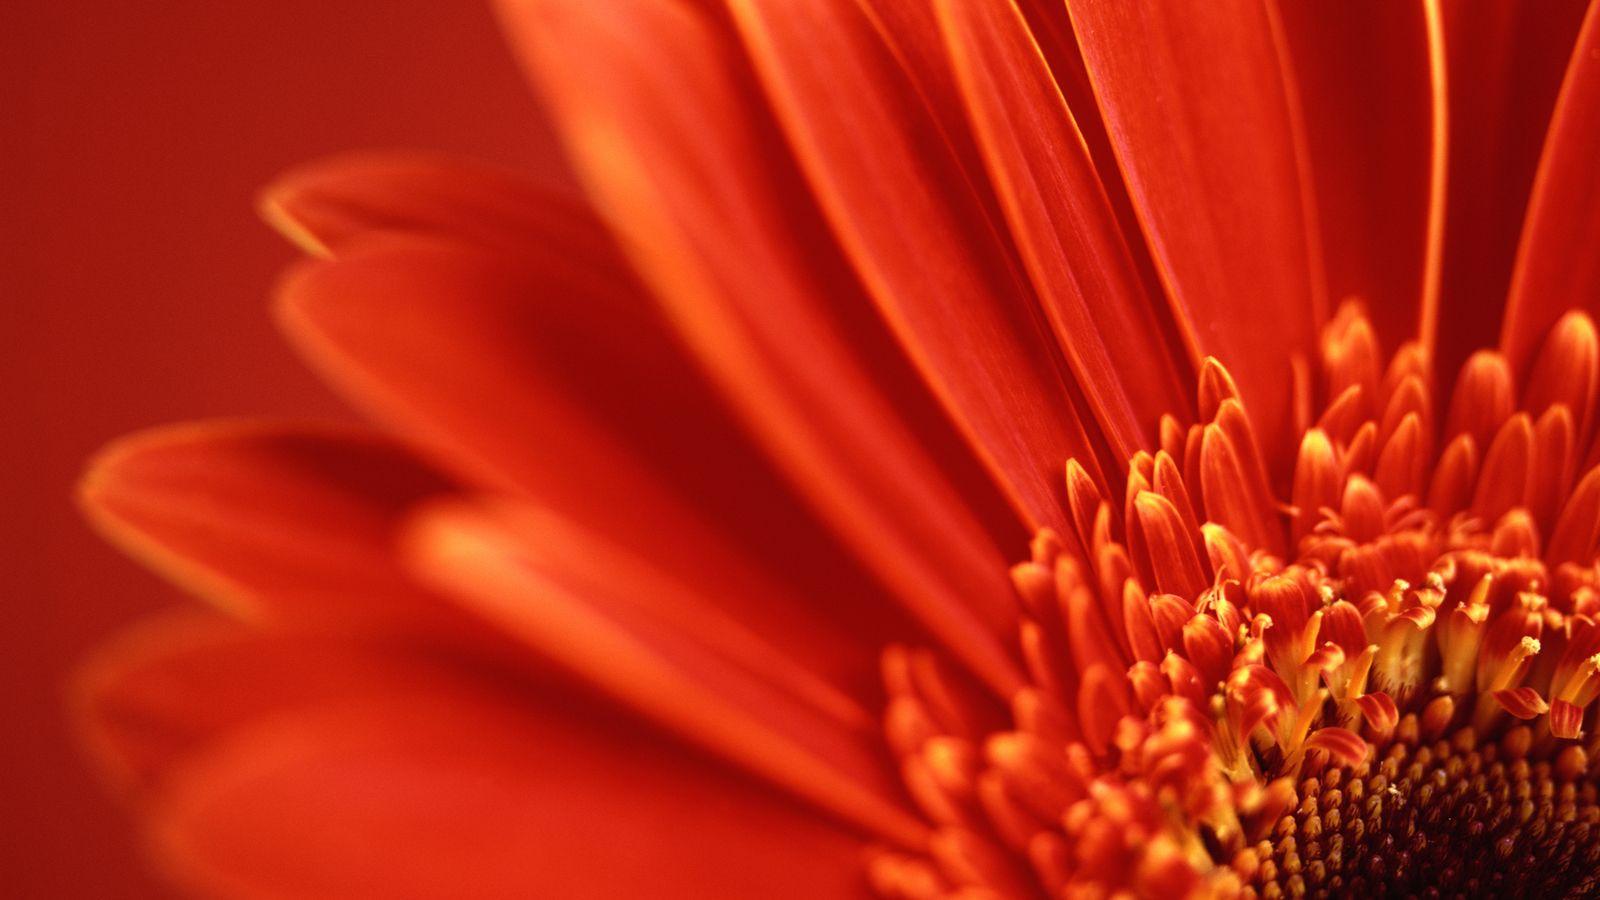 flower wallpaper red